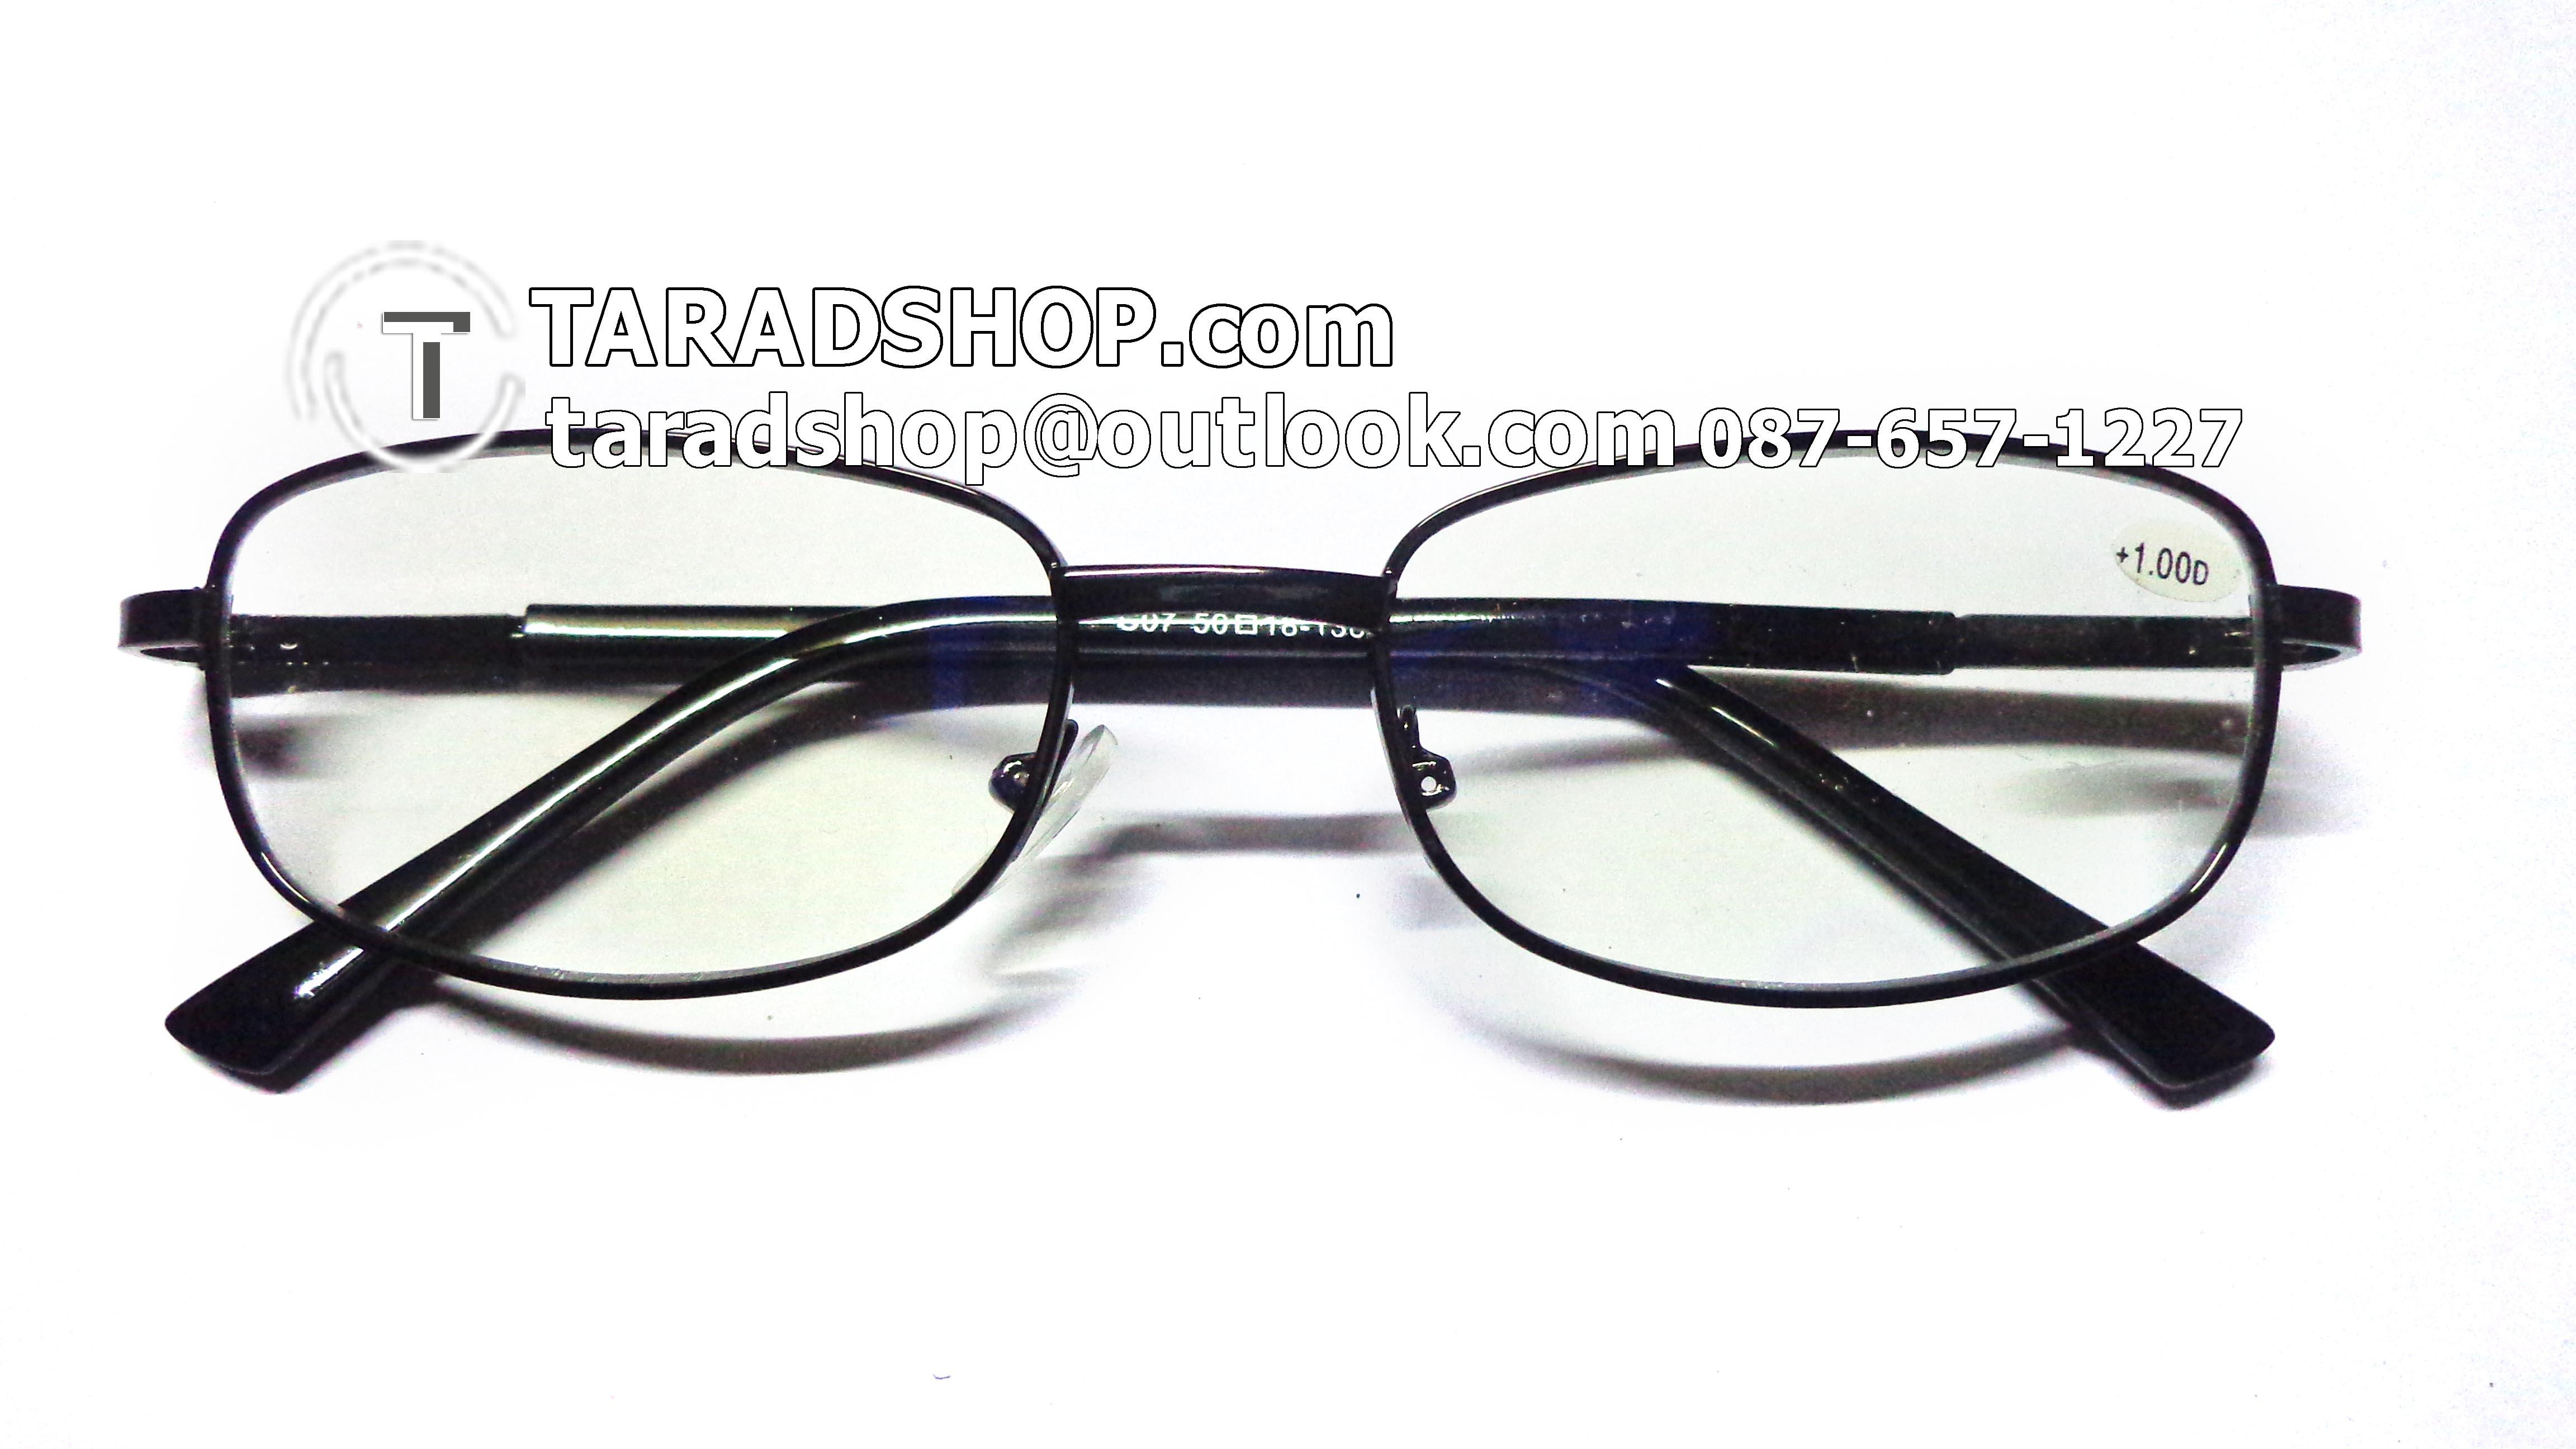 แว่นสายตา ยาว +1.00D ( สีเลนส์ กระจกใส ) สีกรอบ เทาเข้ม) ขา สแตนเลส